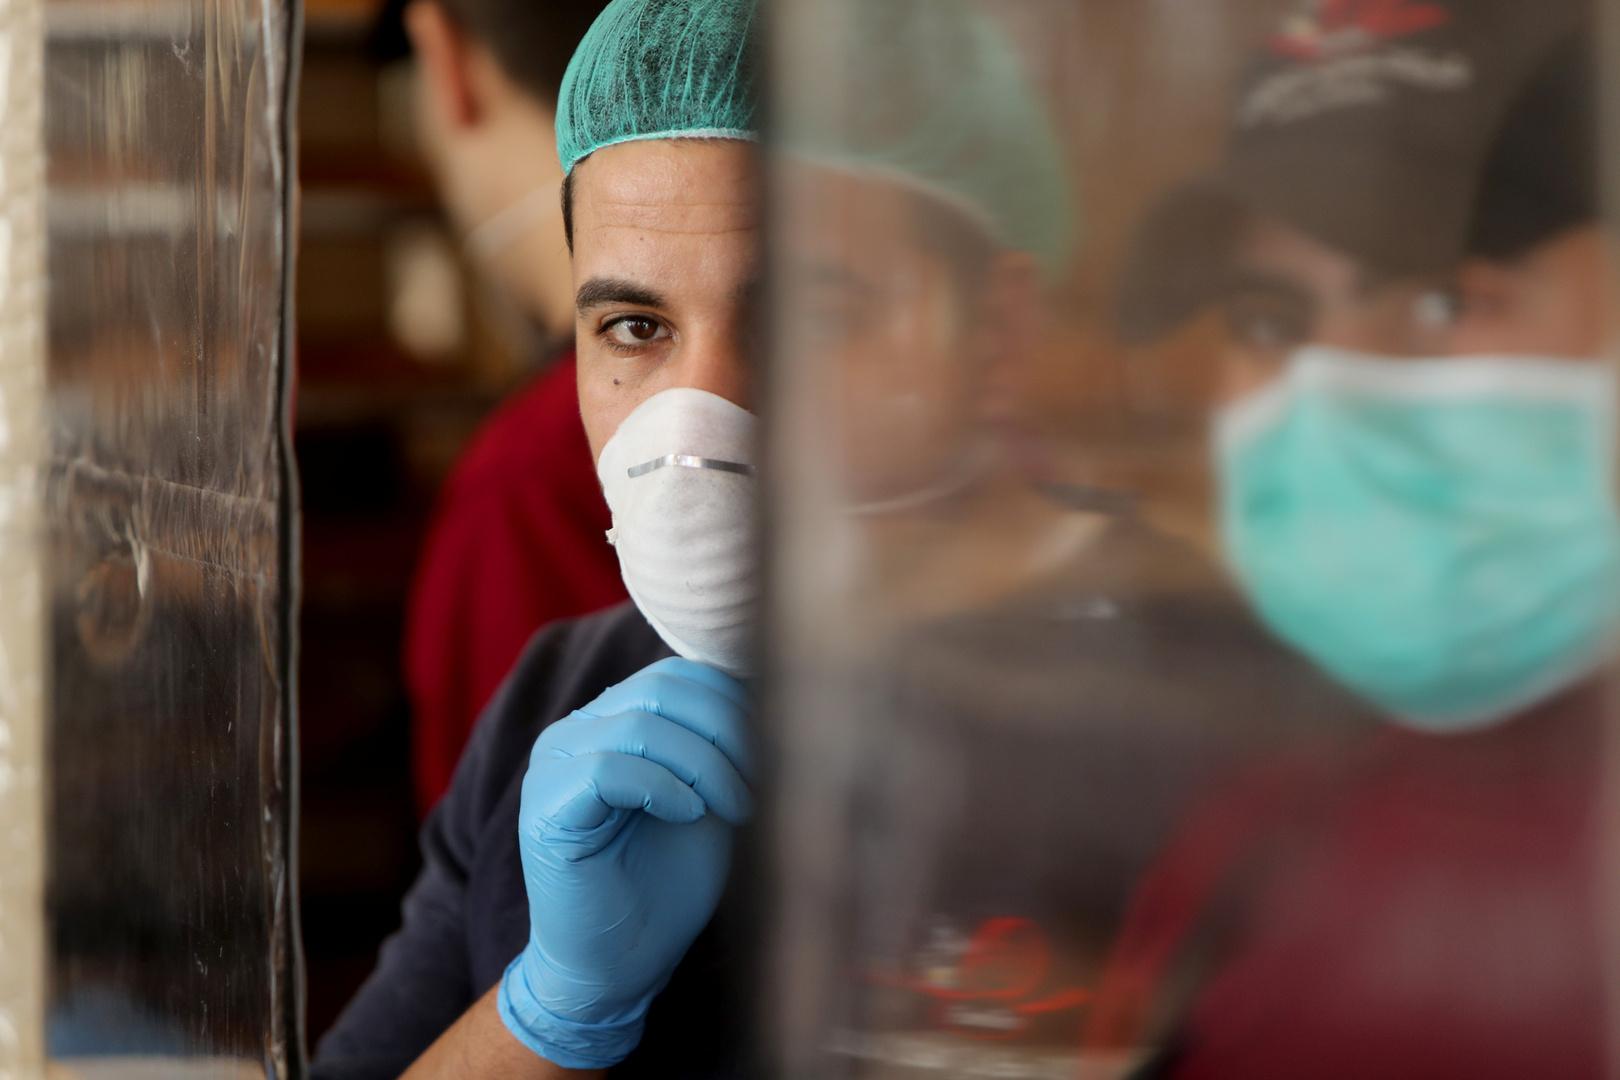 بعد دخول كورونا إلى غزة.. إجراءات عاجلة في القطاع لردع تفشي الفيروس